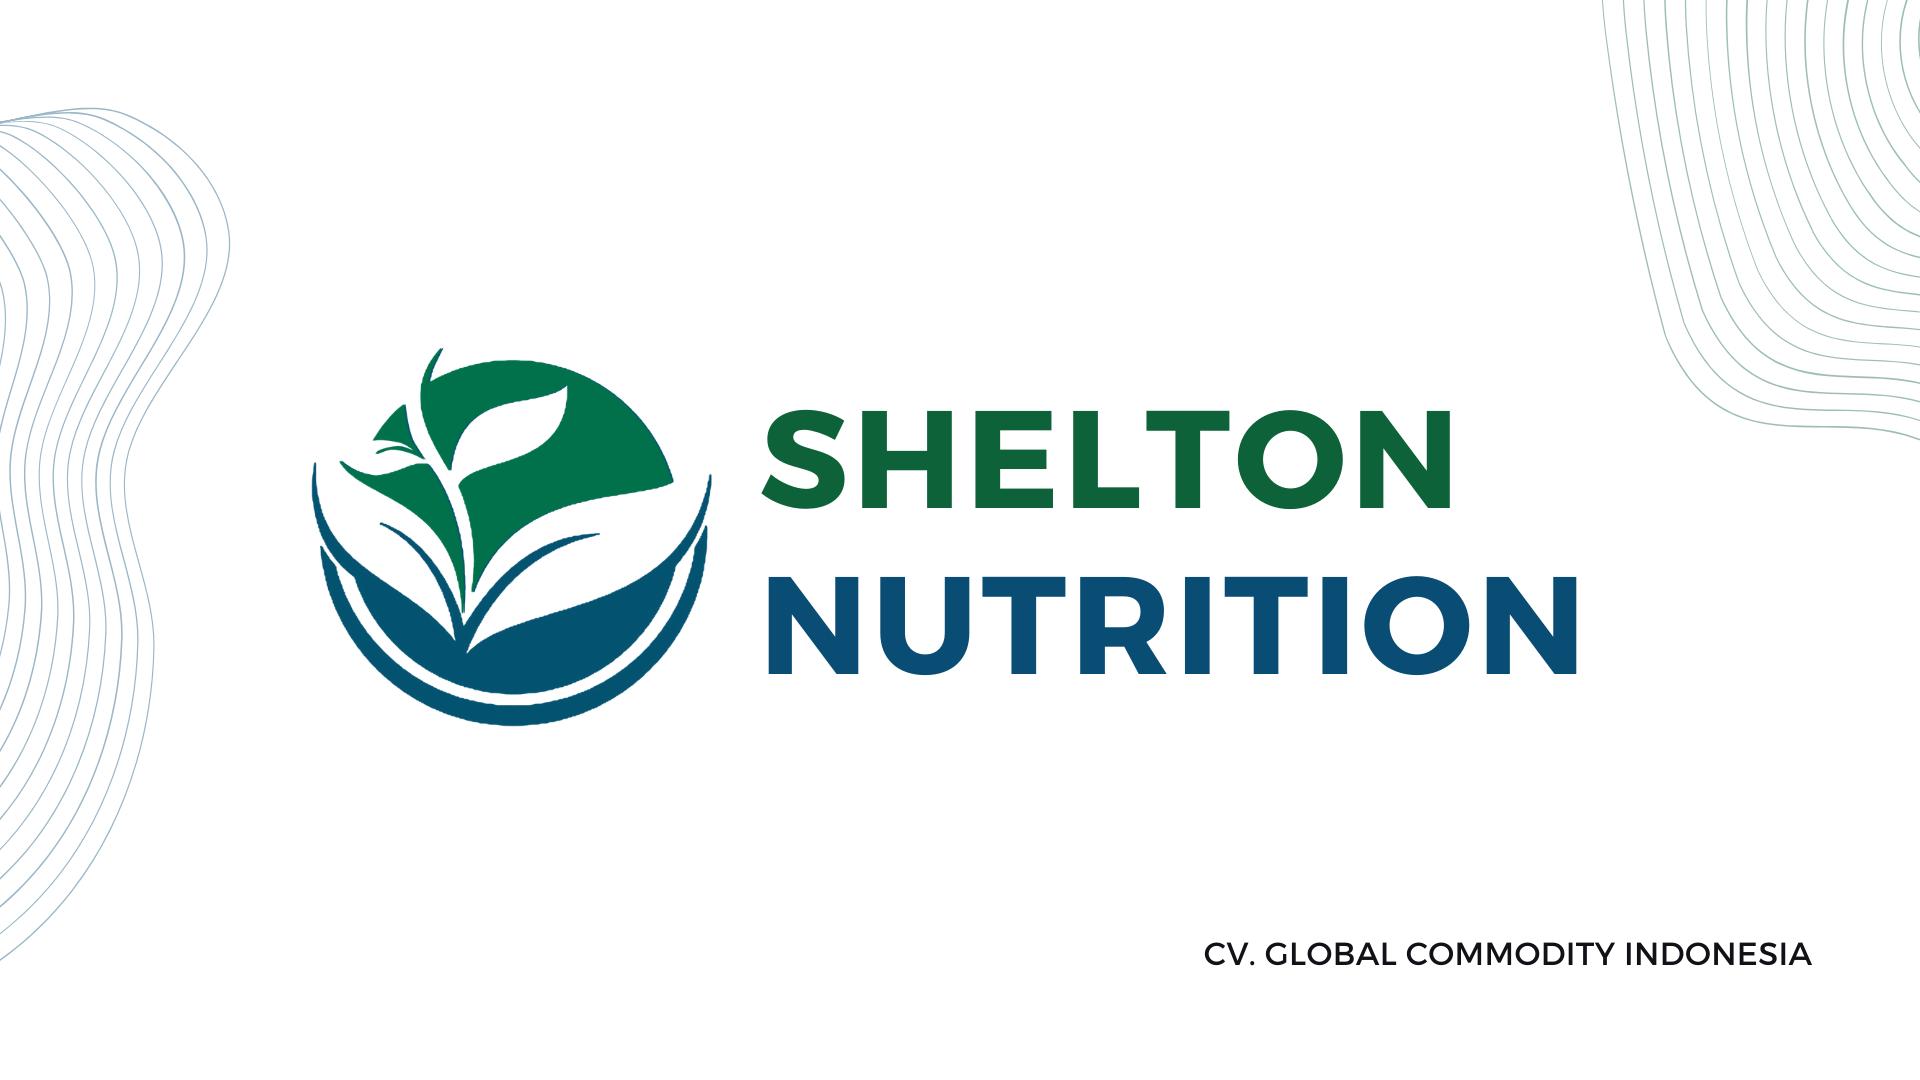 Slider 3 - Shelton Nutrition